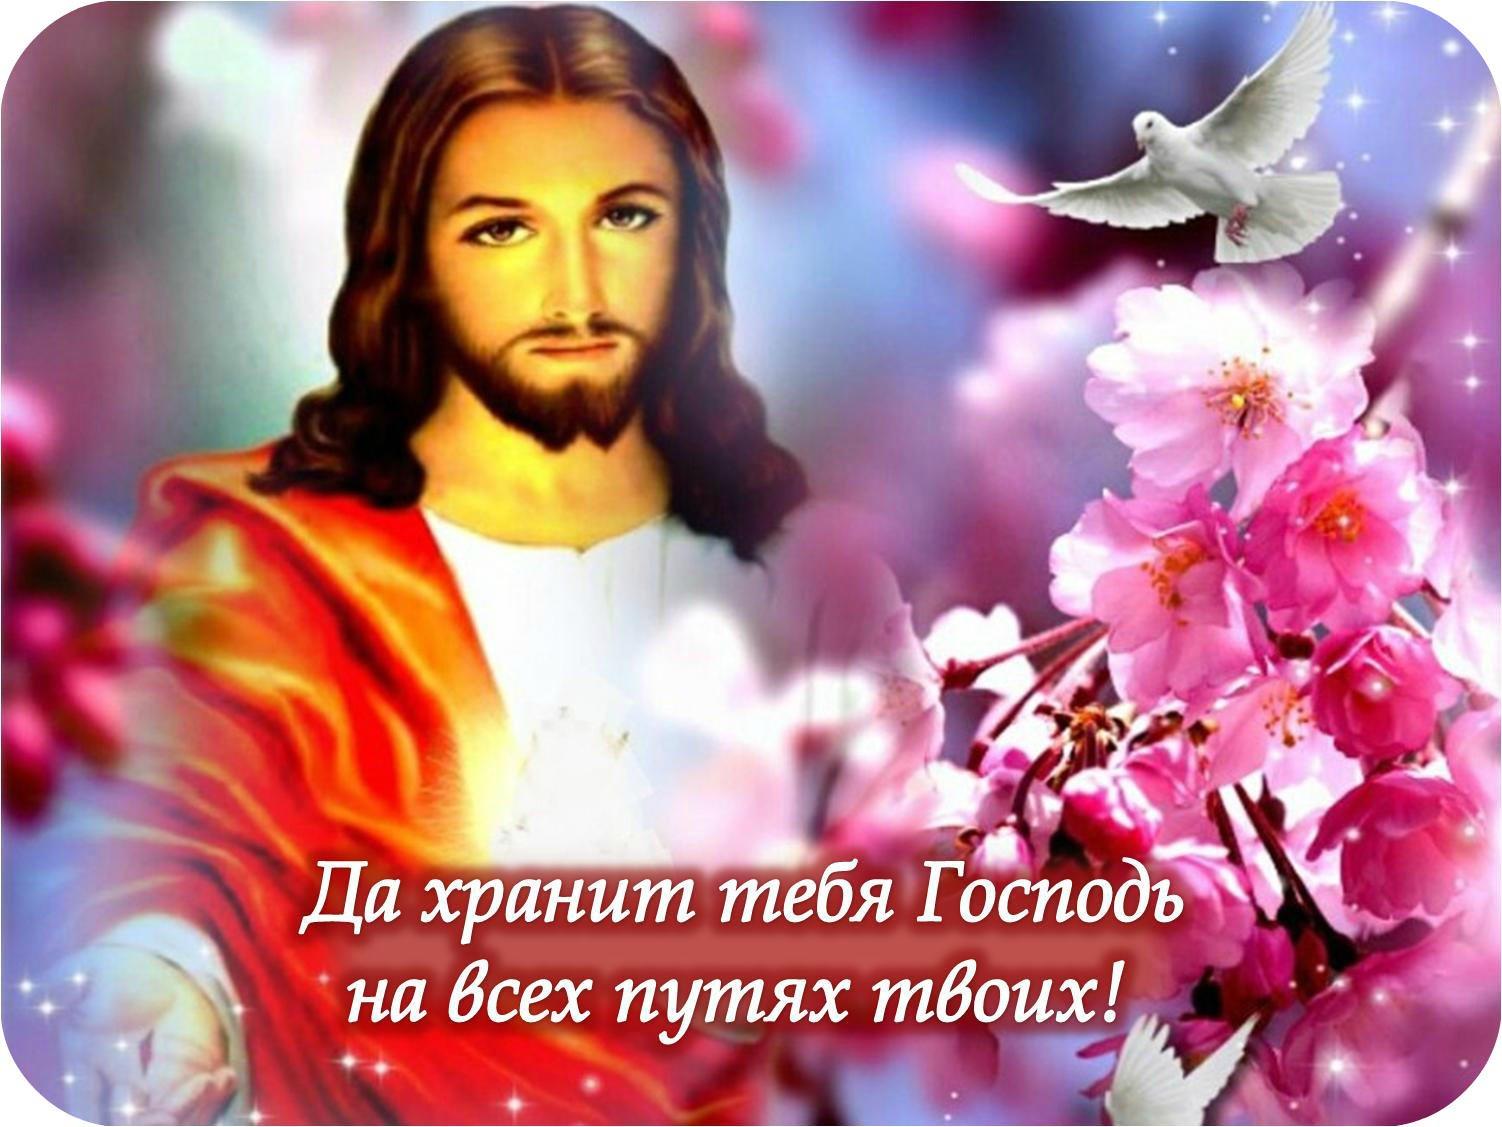 Господь бог картинки с надписями, май картинках